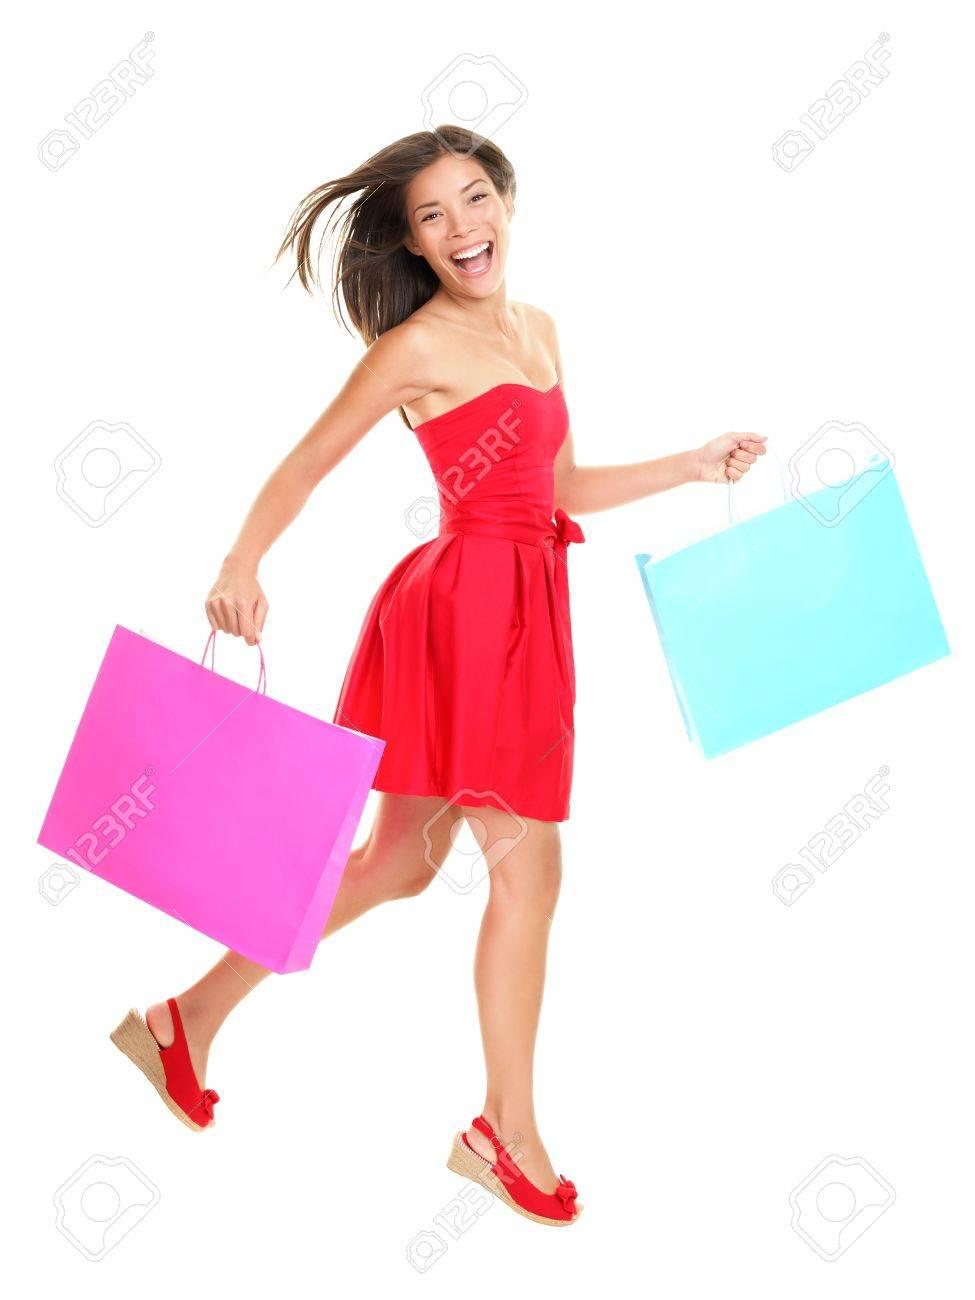 Comprador - Mujer Compras Celebración Bolsas Con Vestido Rojo De Verano.  Asia Joven Caminando Jovial Y Sonriente Aislado En Todo El Cuerpo Sobre  Fondo ... 4d52d3371d7a